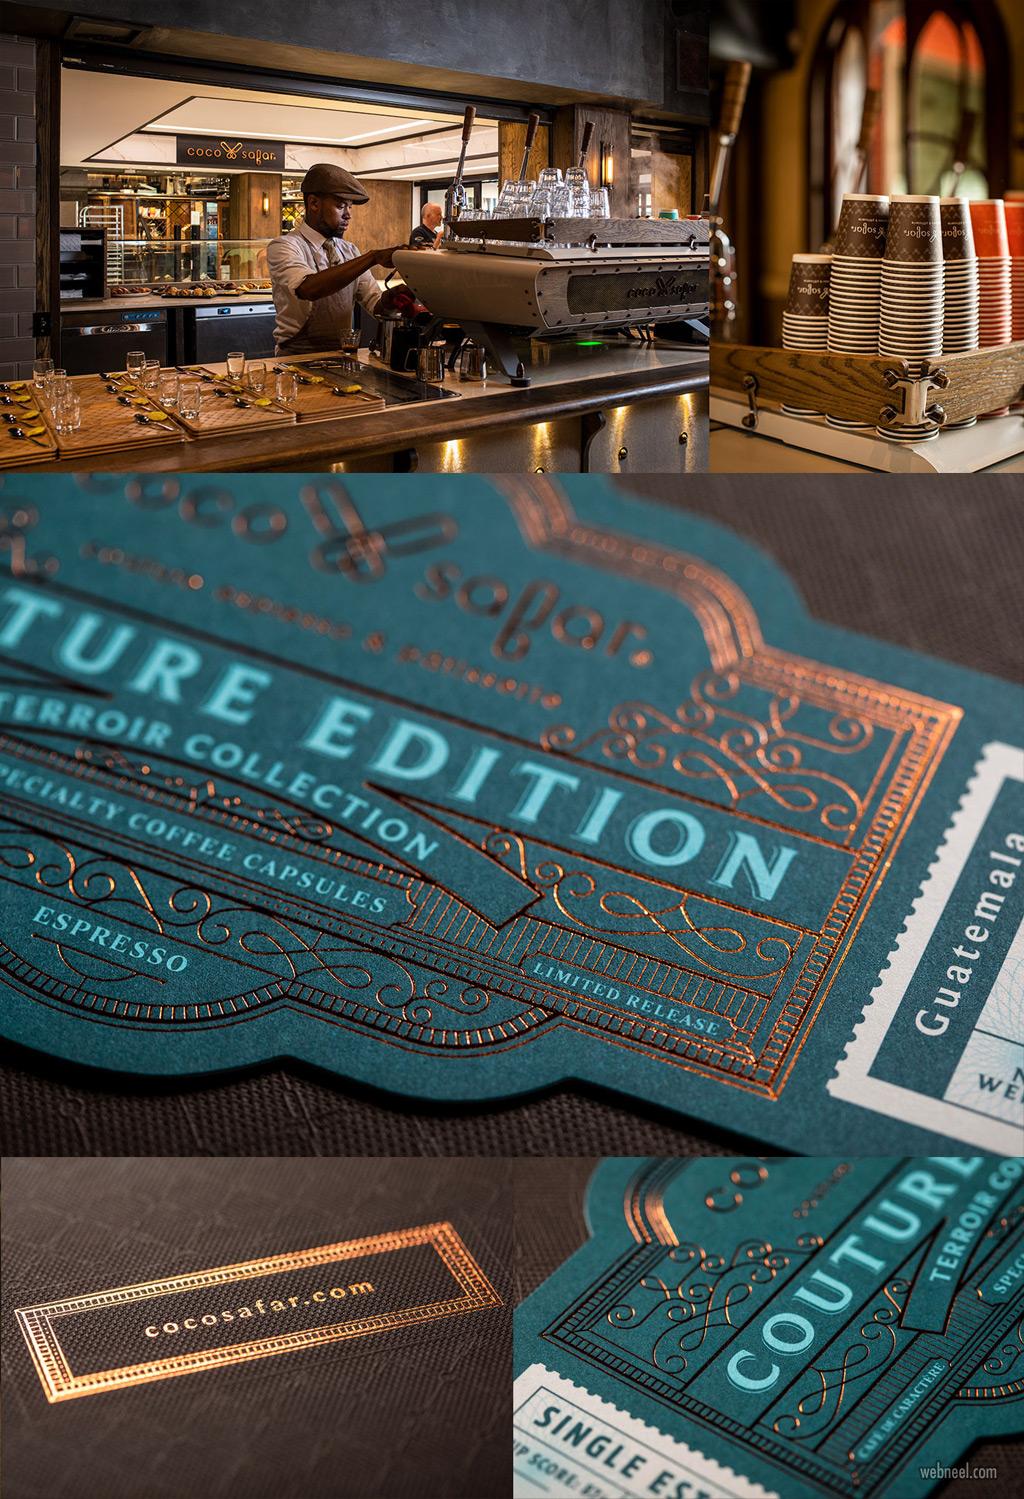 brand identity design coffee coco safar by markstudio